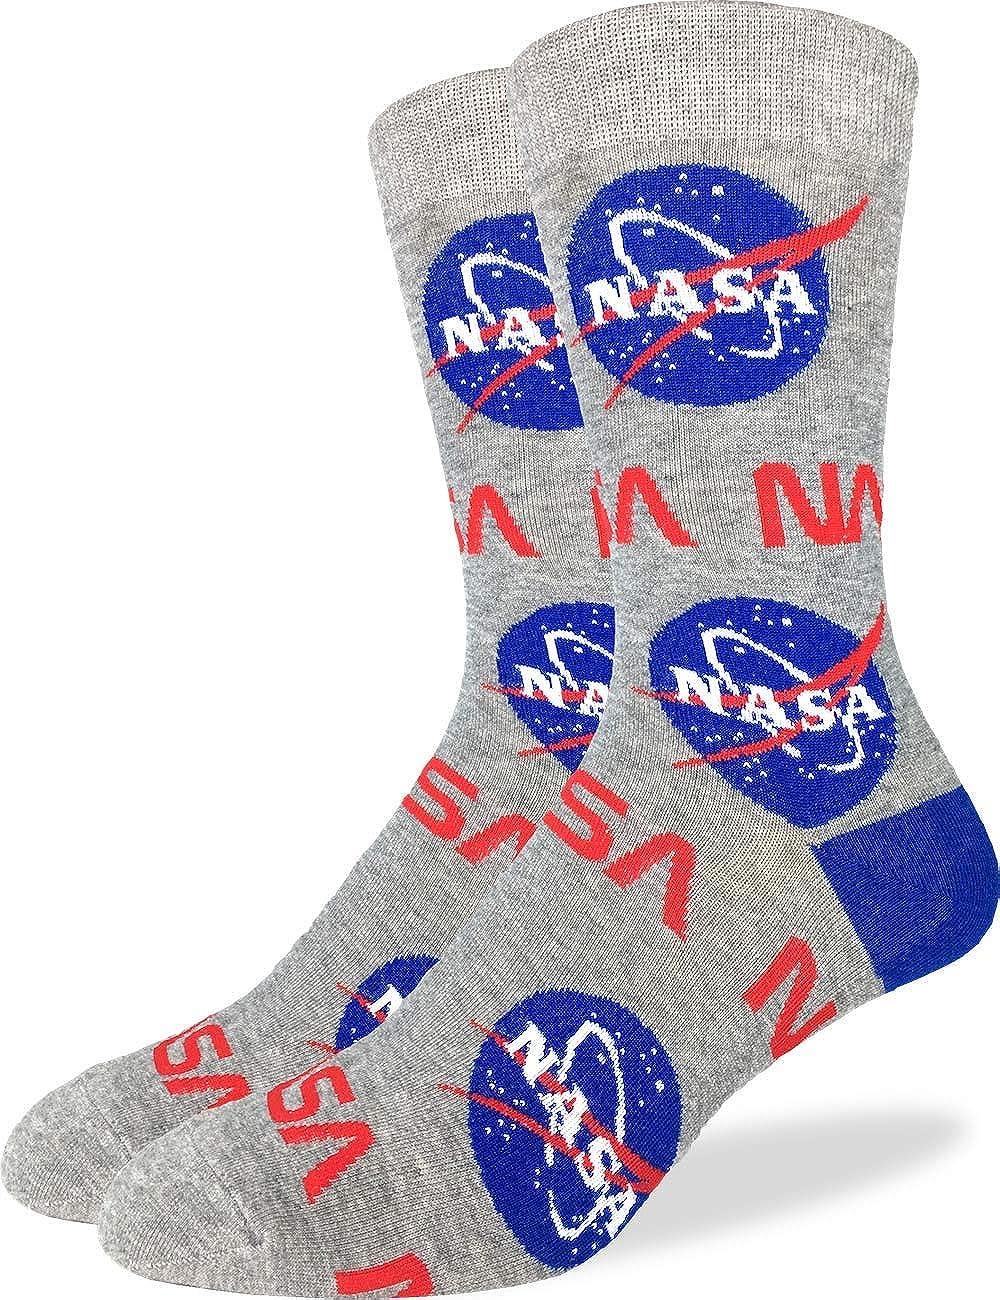 Men's//Boys Black All Over NASA Logos Cotton Ankle Socks